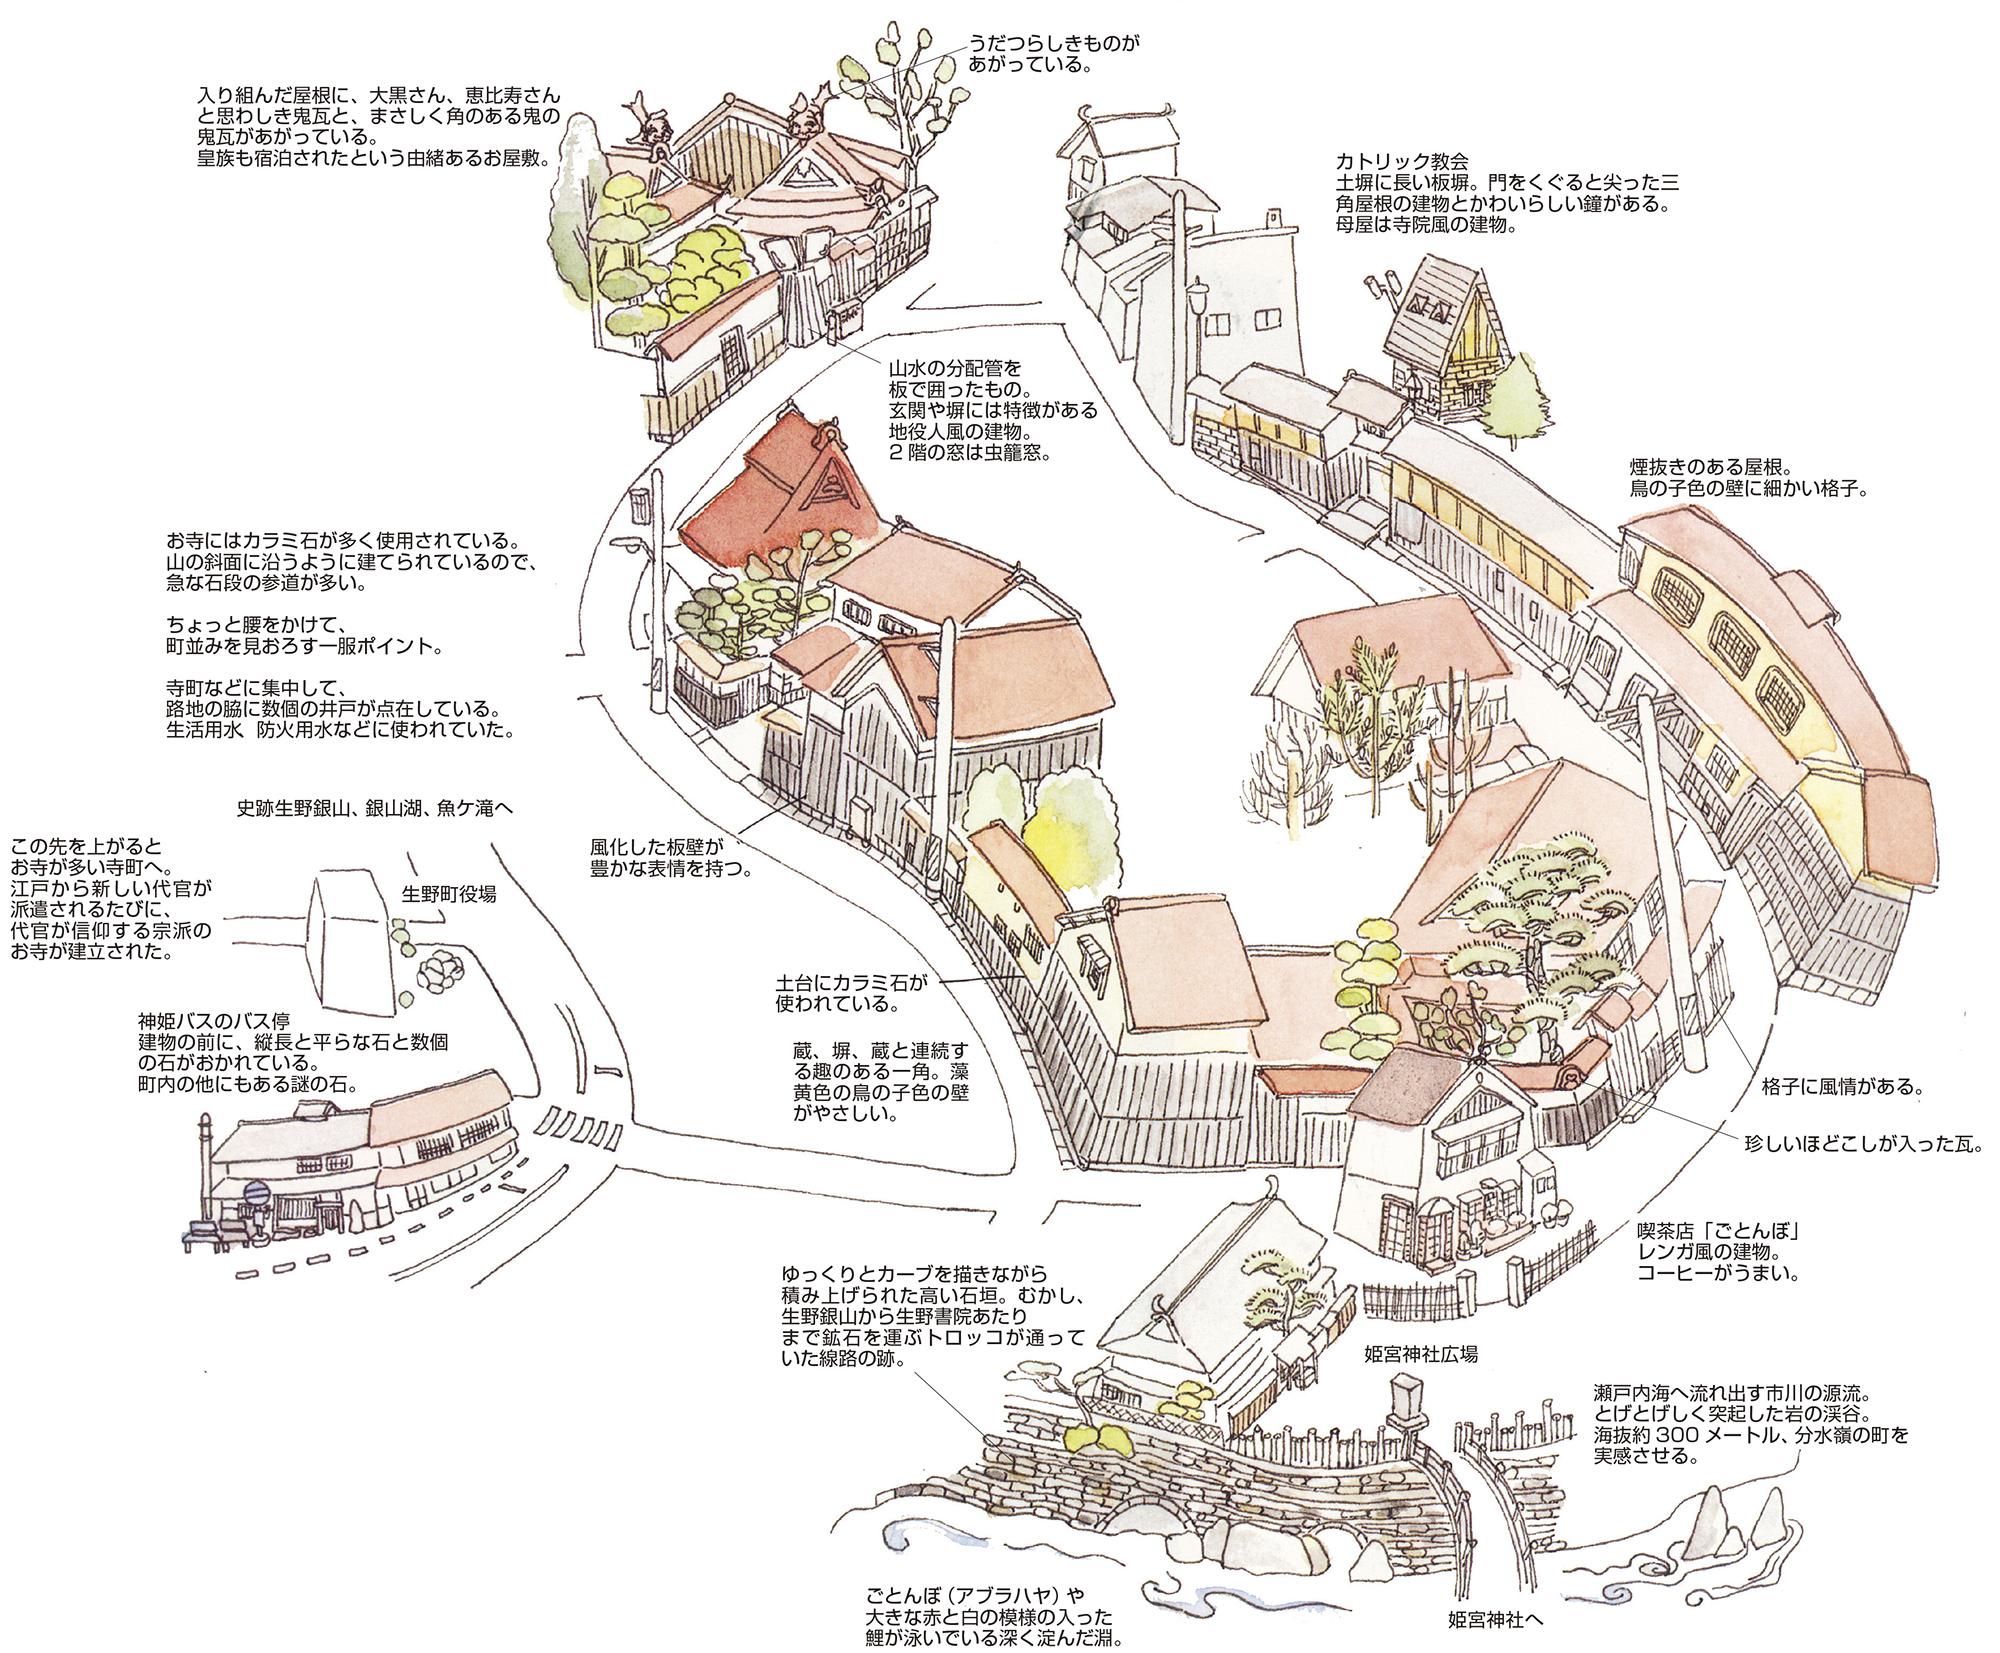 異文化が交流する分水嶺の町<朝来市生野町>(Vol.29/1997年7月発行)